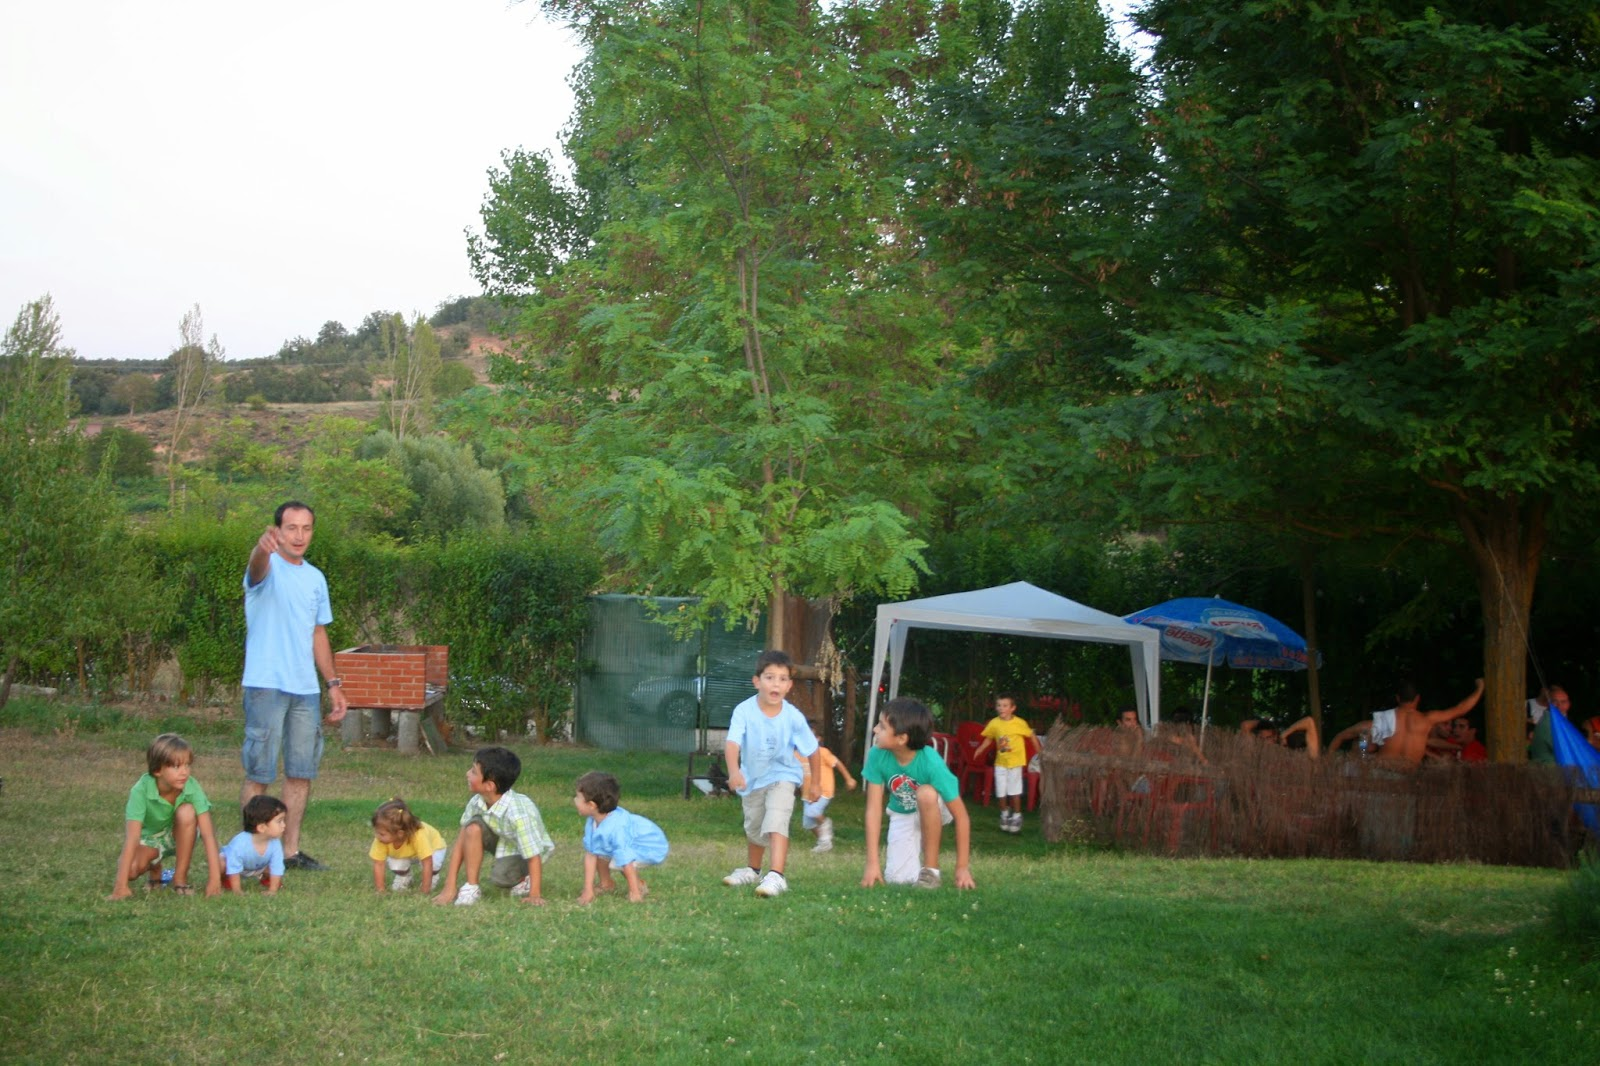 El sotiblog hoy se abren las piscinas de sotillo for Piscina la almudena